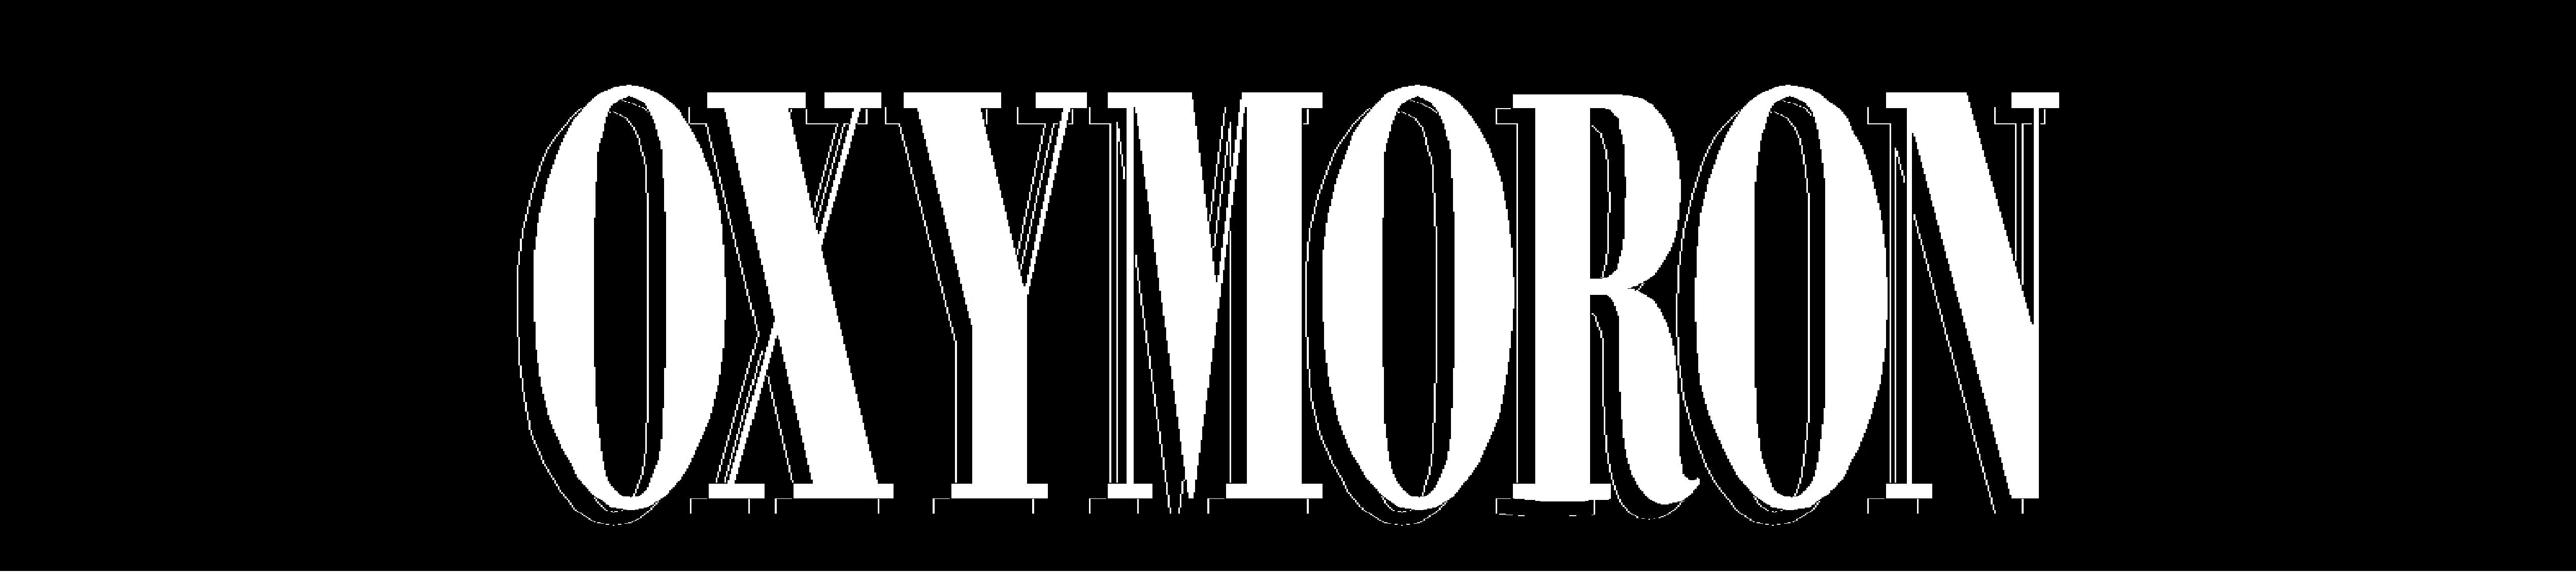 Oxymoron Definition